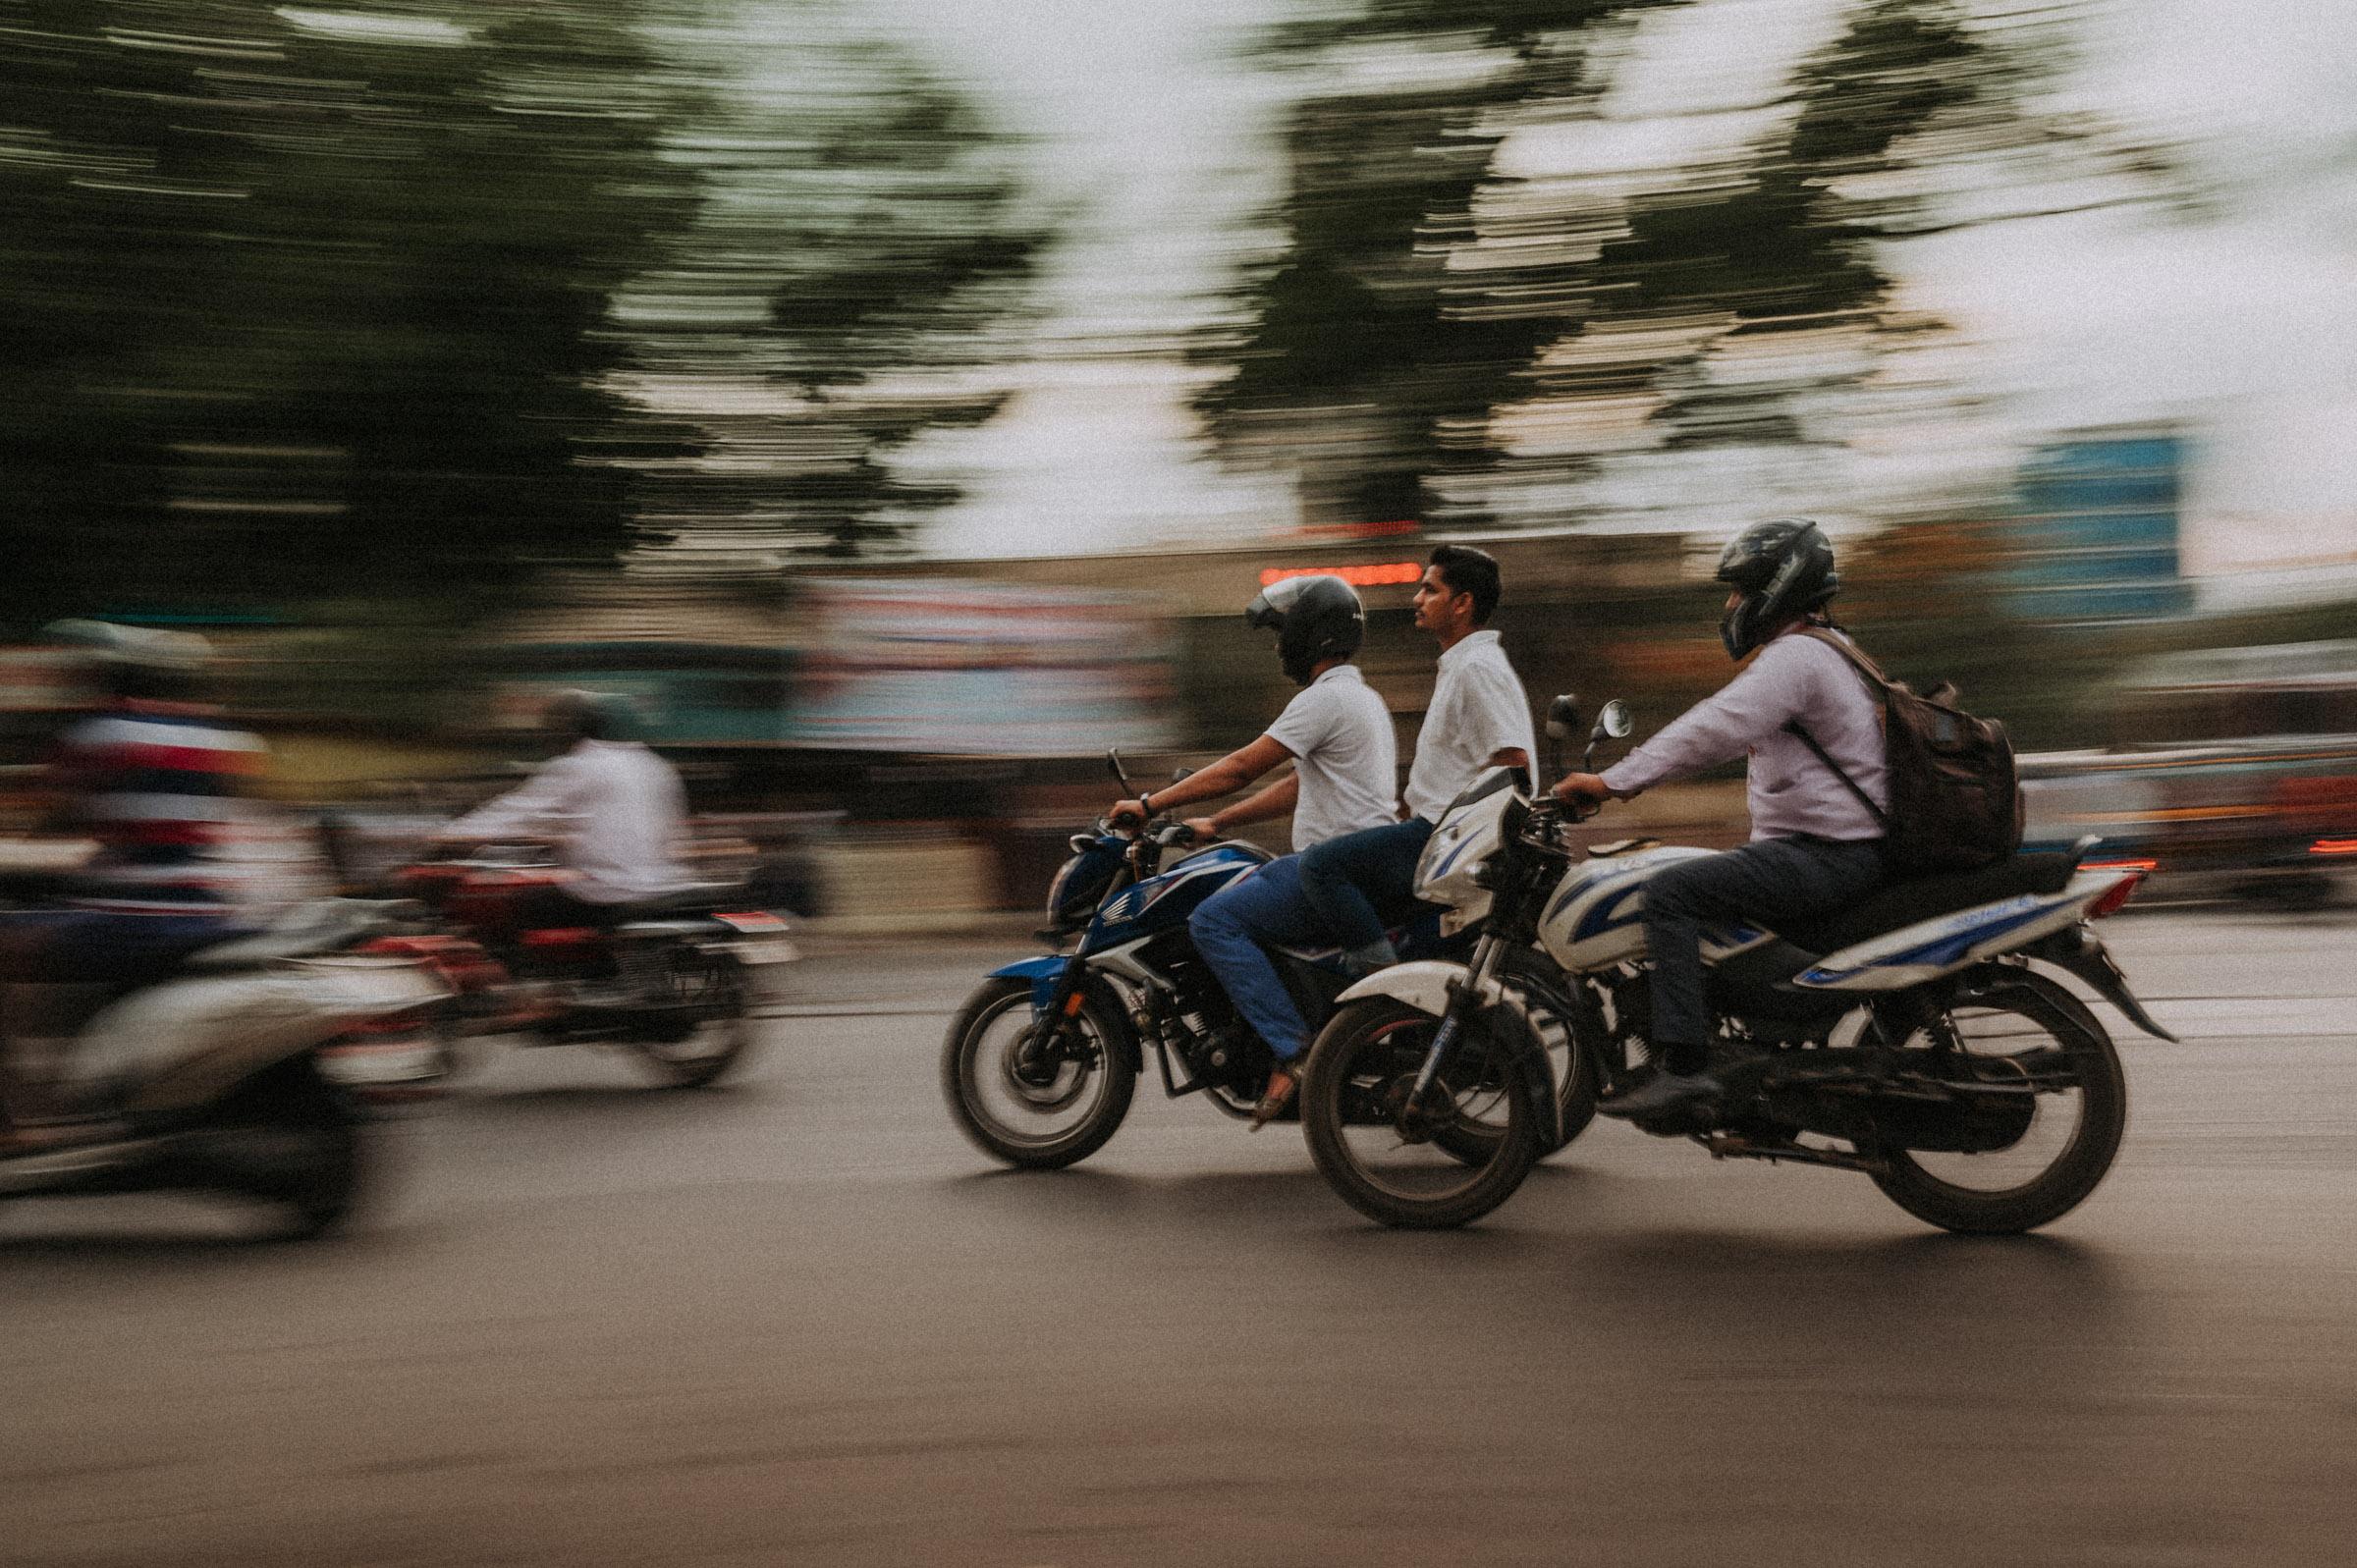 Verkehr mit Motorrollern in Mumbai